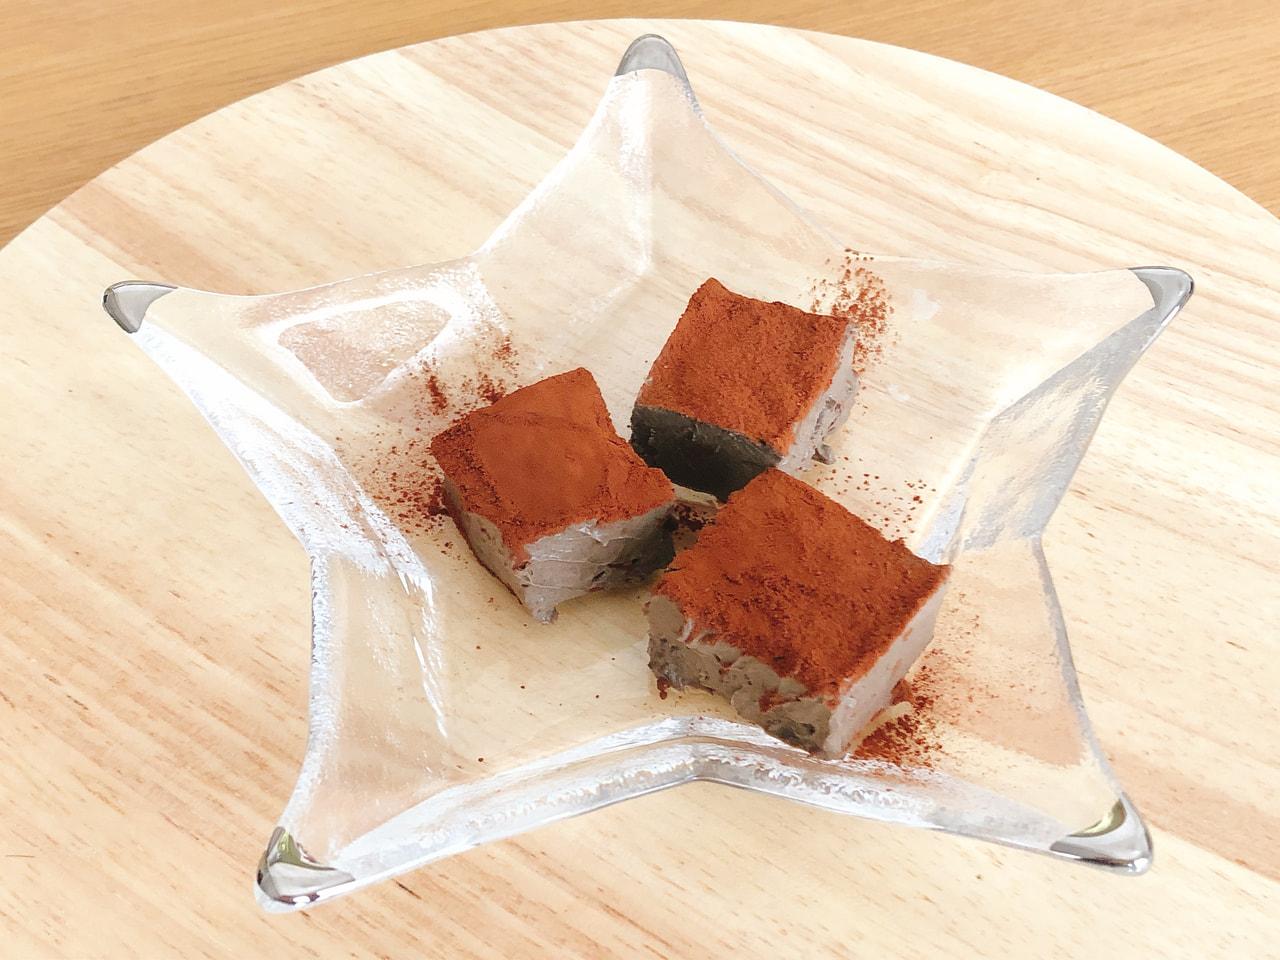 バレンタインにピッタリ!簡単、ヘルシーな生チョコレート風ごまチョコレートの作り方